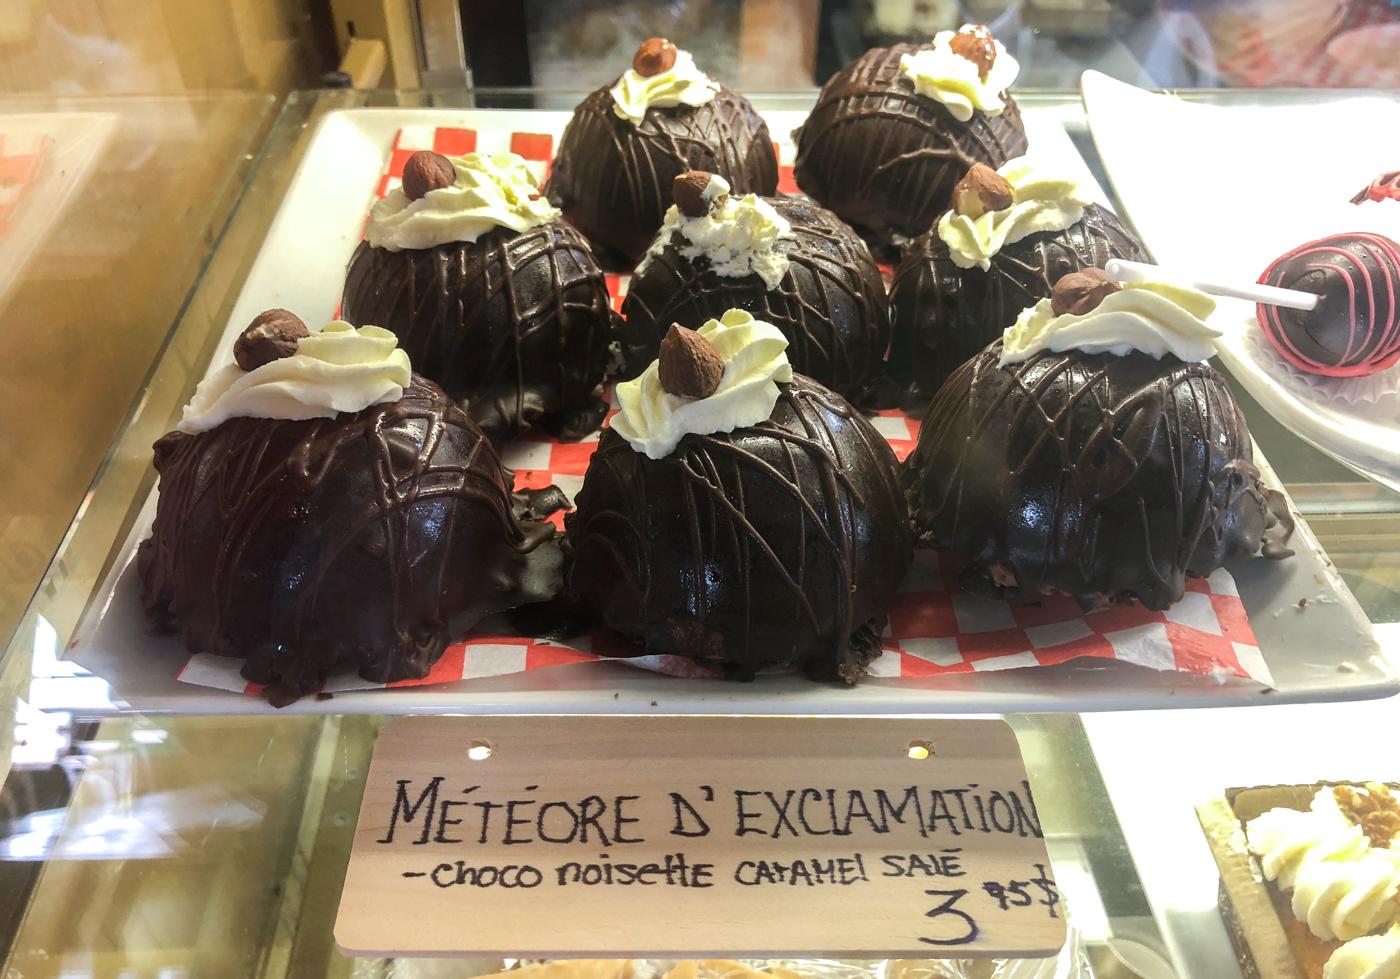 Pâtisserie Météore d'exception de la Boulangerie Pains d'exclamation de La Malbaie